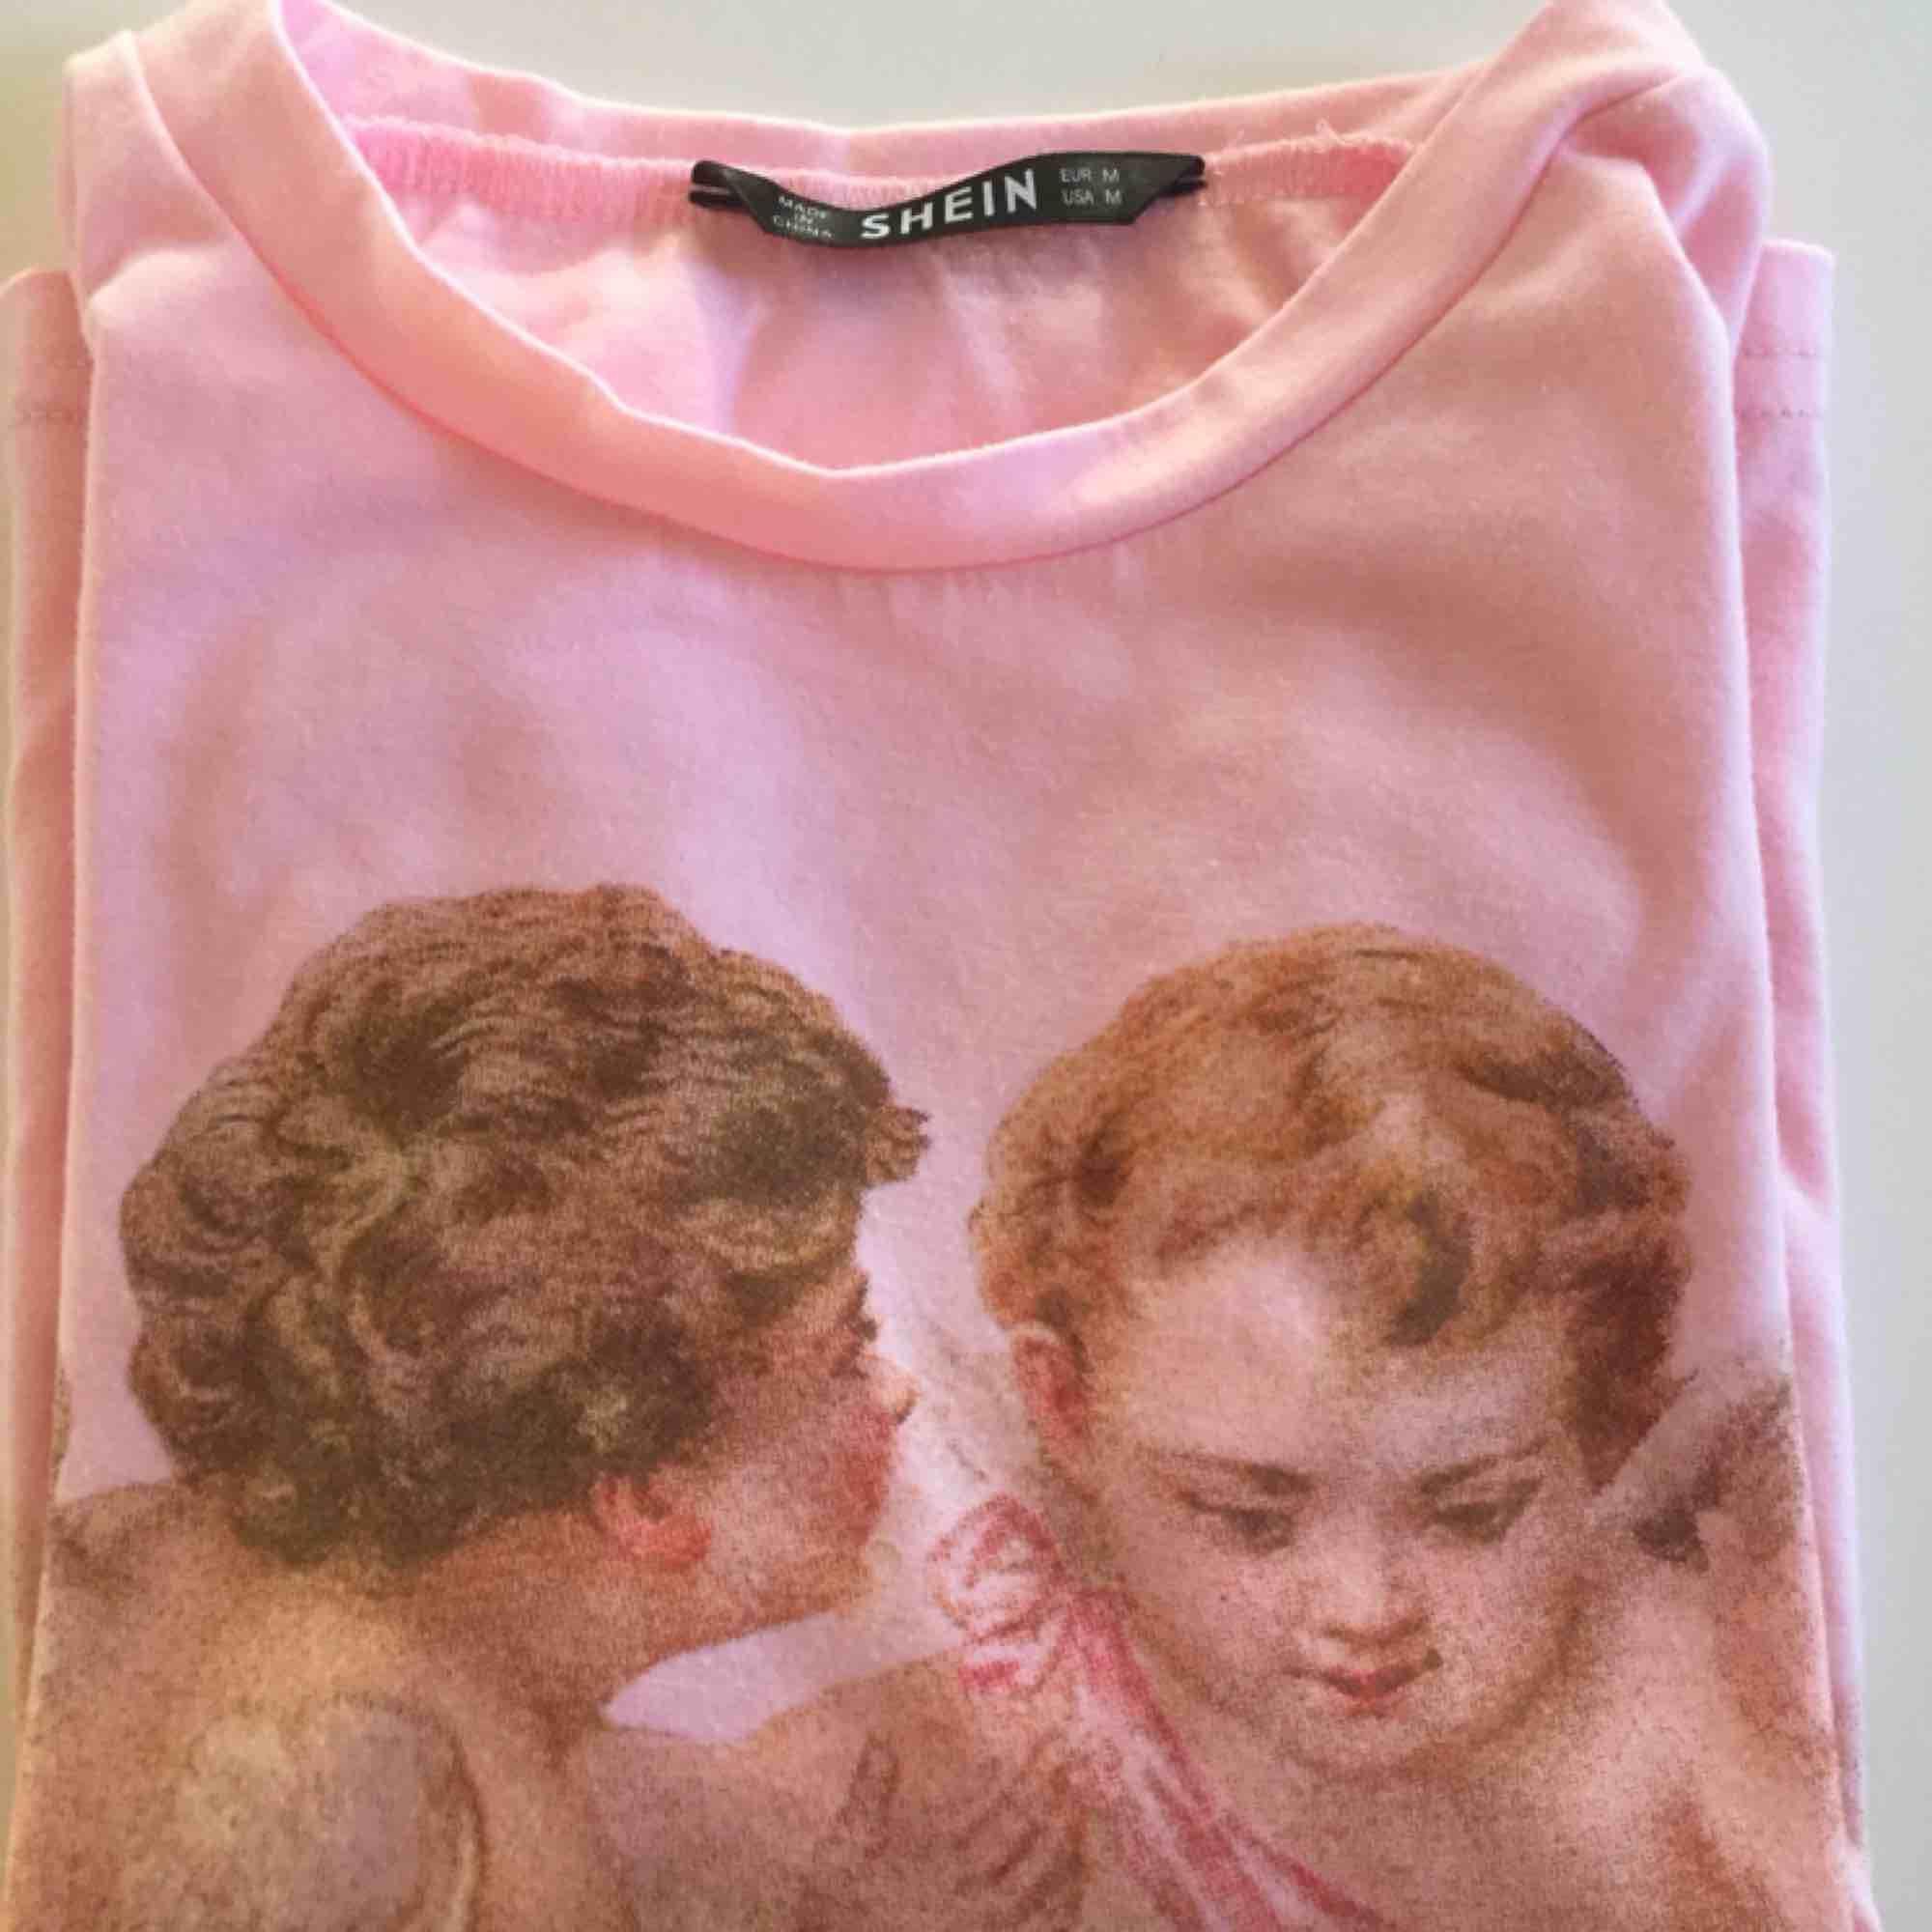 Tröja från SHEIN! Säljer pga att den är lite för liten tyvärr... Storlek M, men mer som en S. Det är många som är intresserade av tröjan, vilket är jättekul, men det är såklart bara en som kan köpa den, så jag gör en budgivning! Den slutar 25/9 kl 20:00. T-shirts.